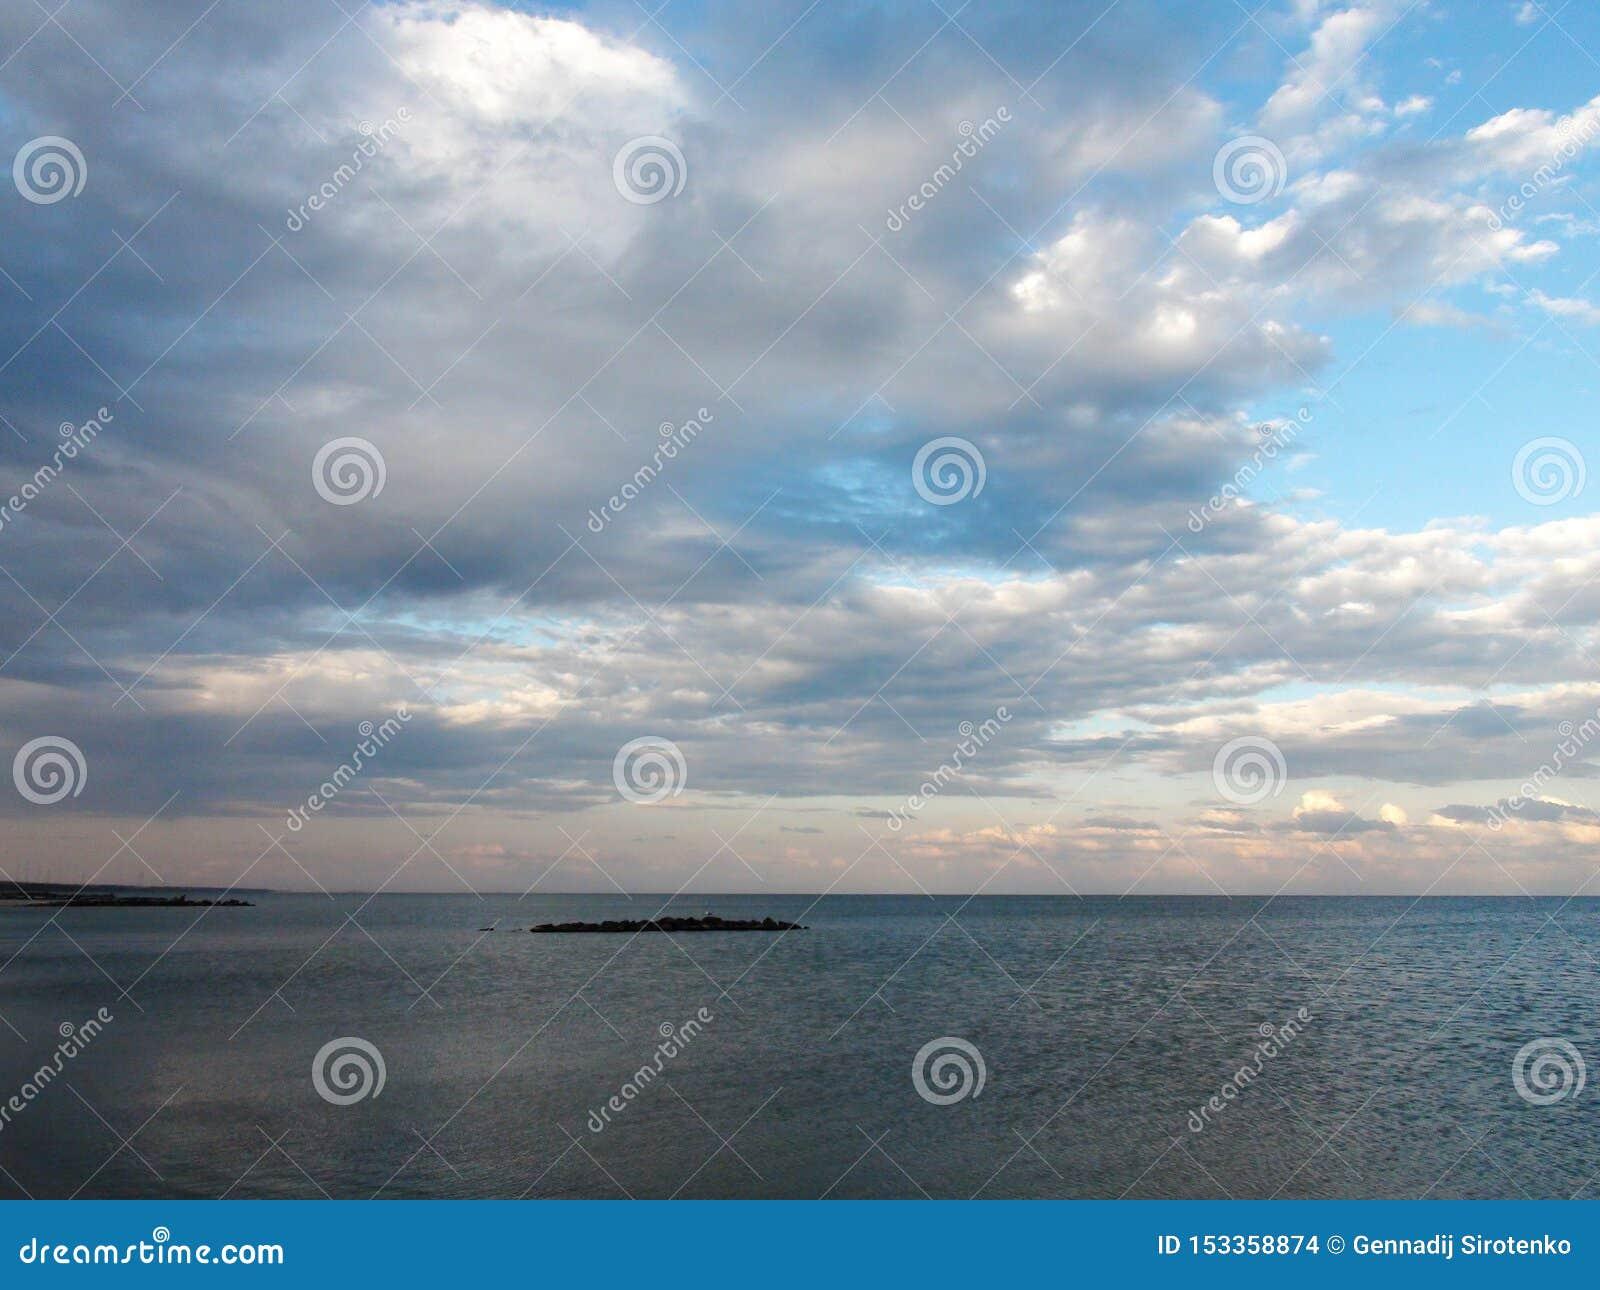 Landschaften der Flora des Asow-Meeres und des Meeres, die Landschaften nahe der Stadt von Primorsk der Zaporizhzhya-Region glätt